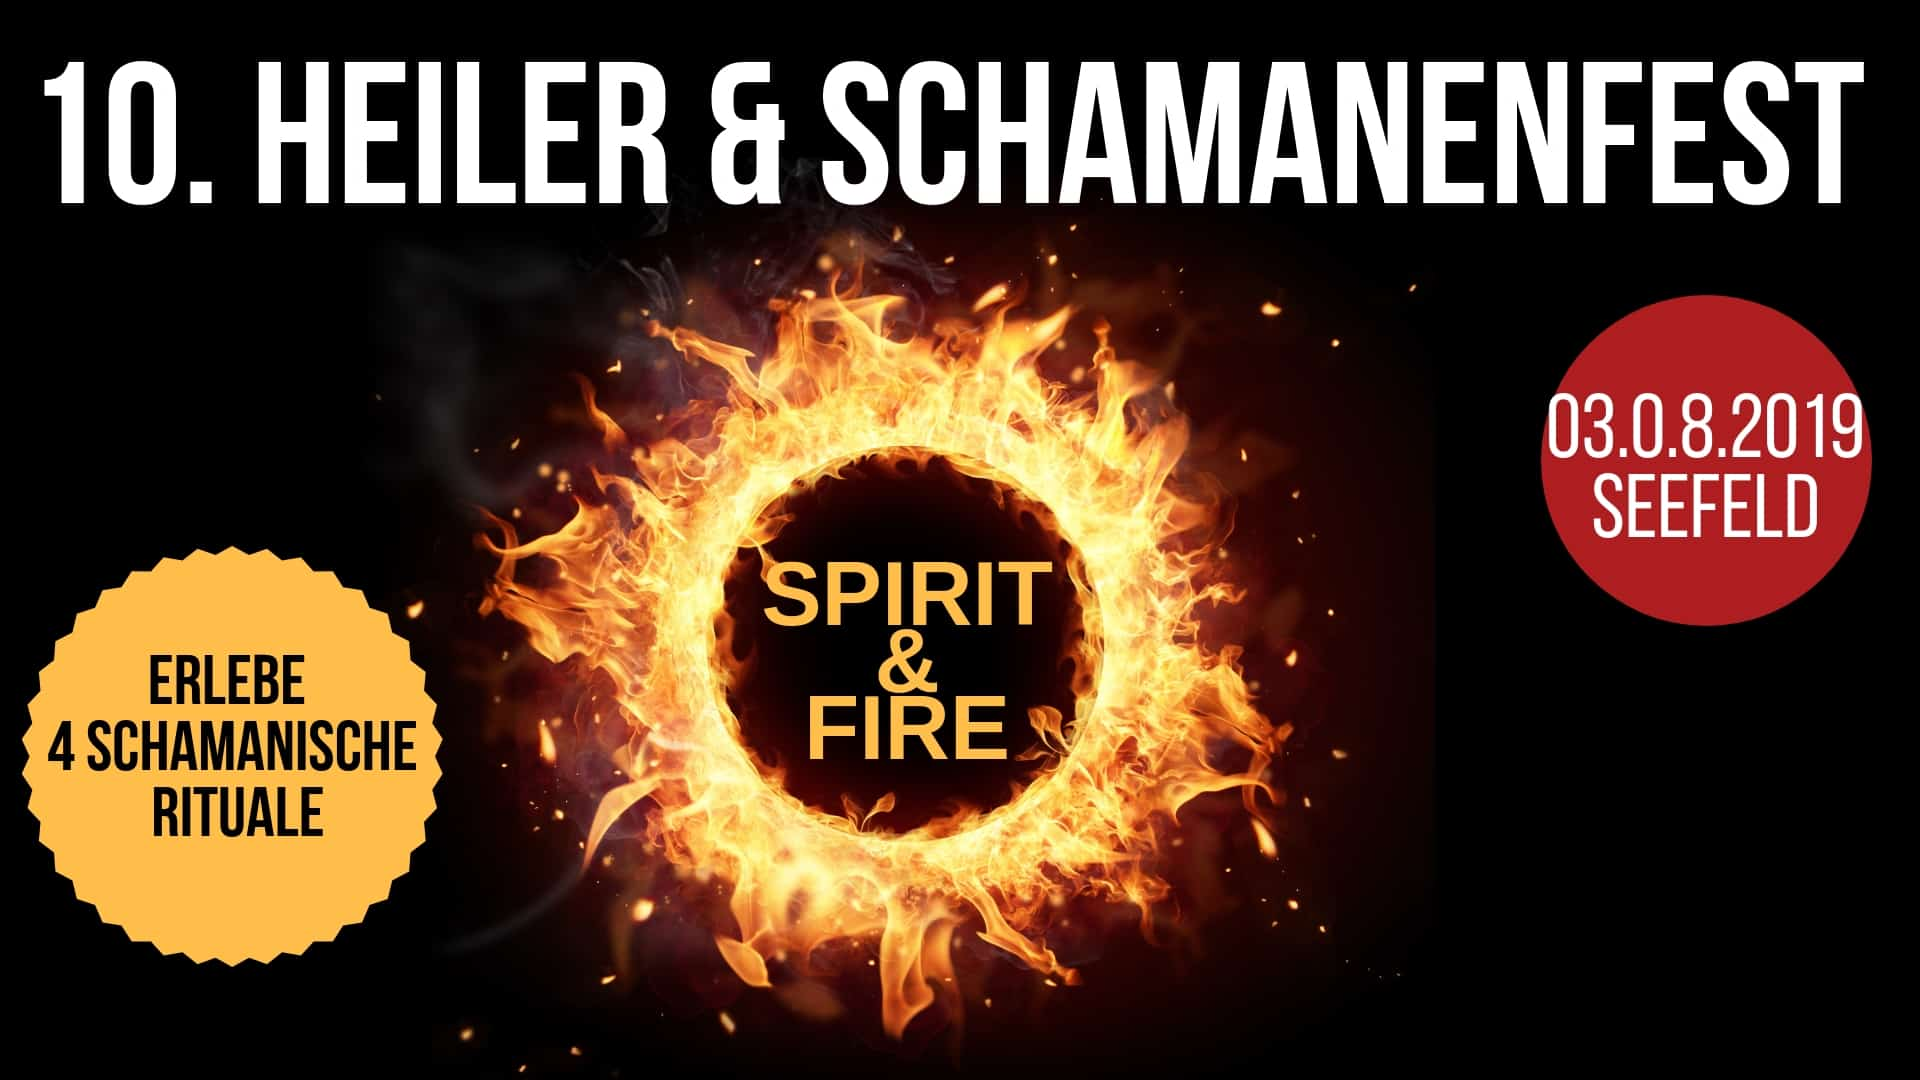 HEILER & SCHAMANENFEST SPIRIT & FIRE beim